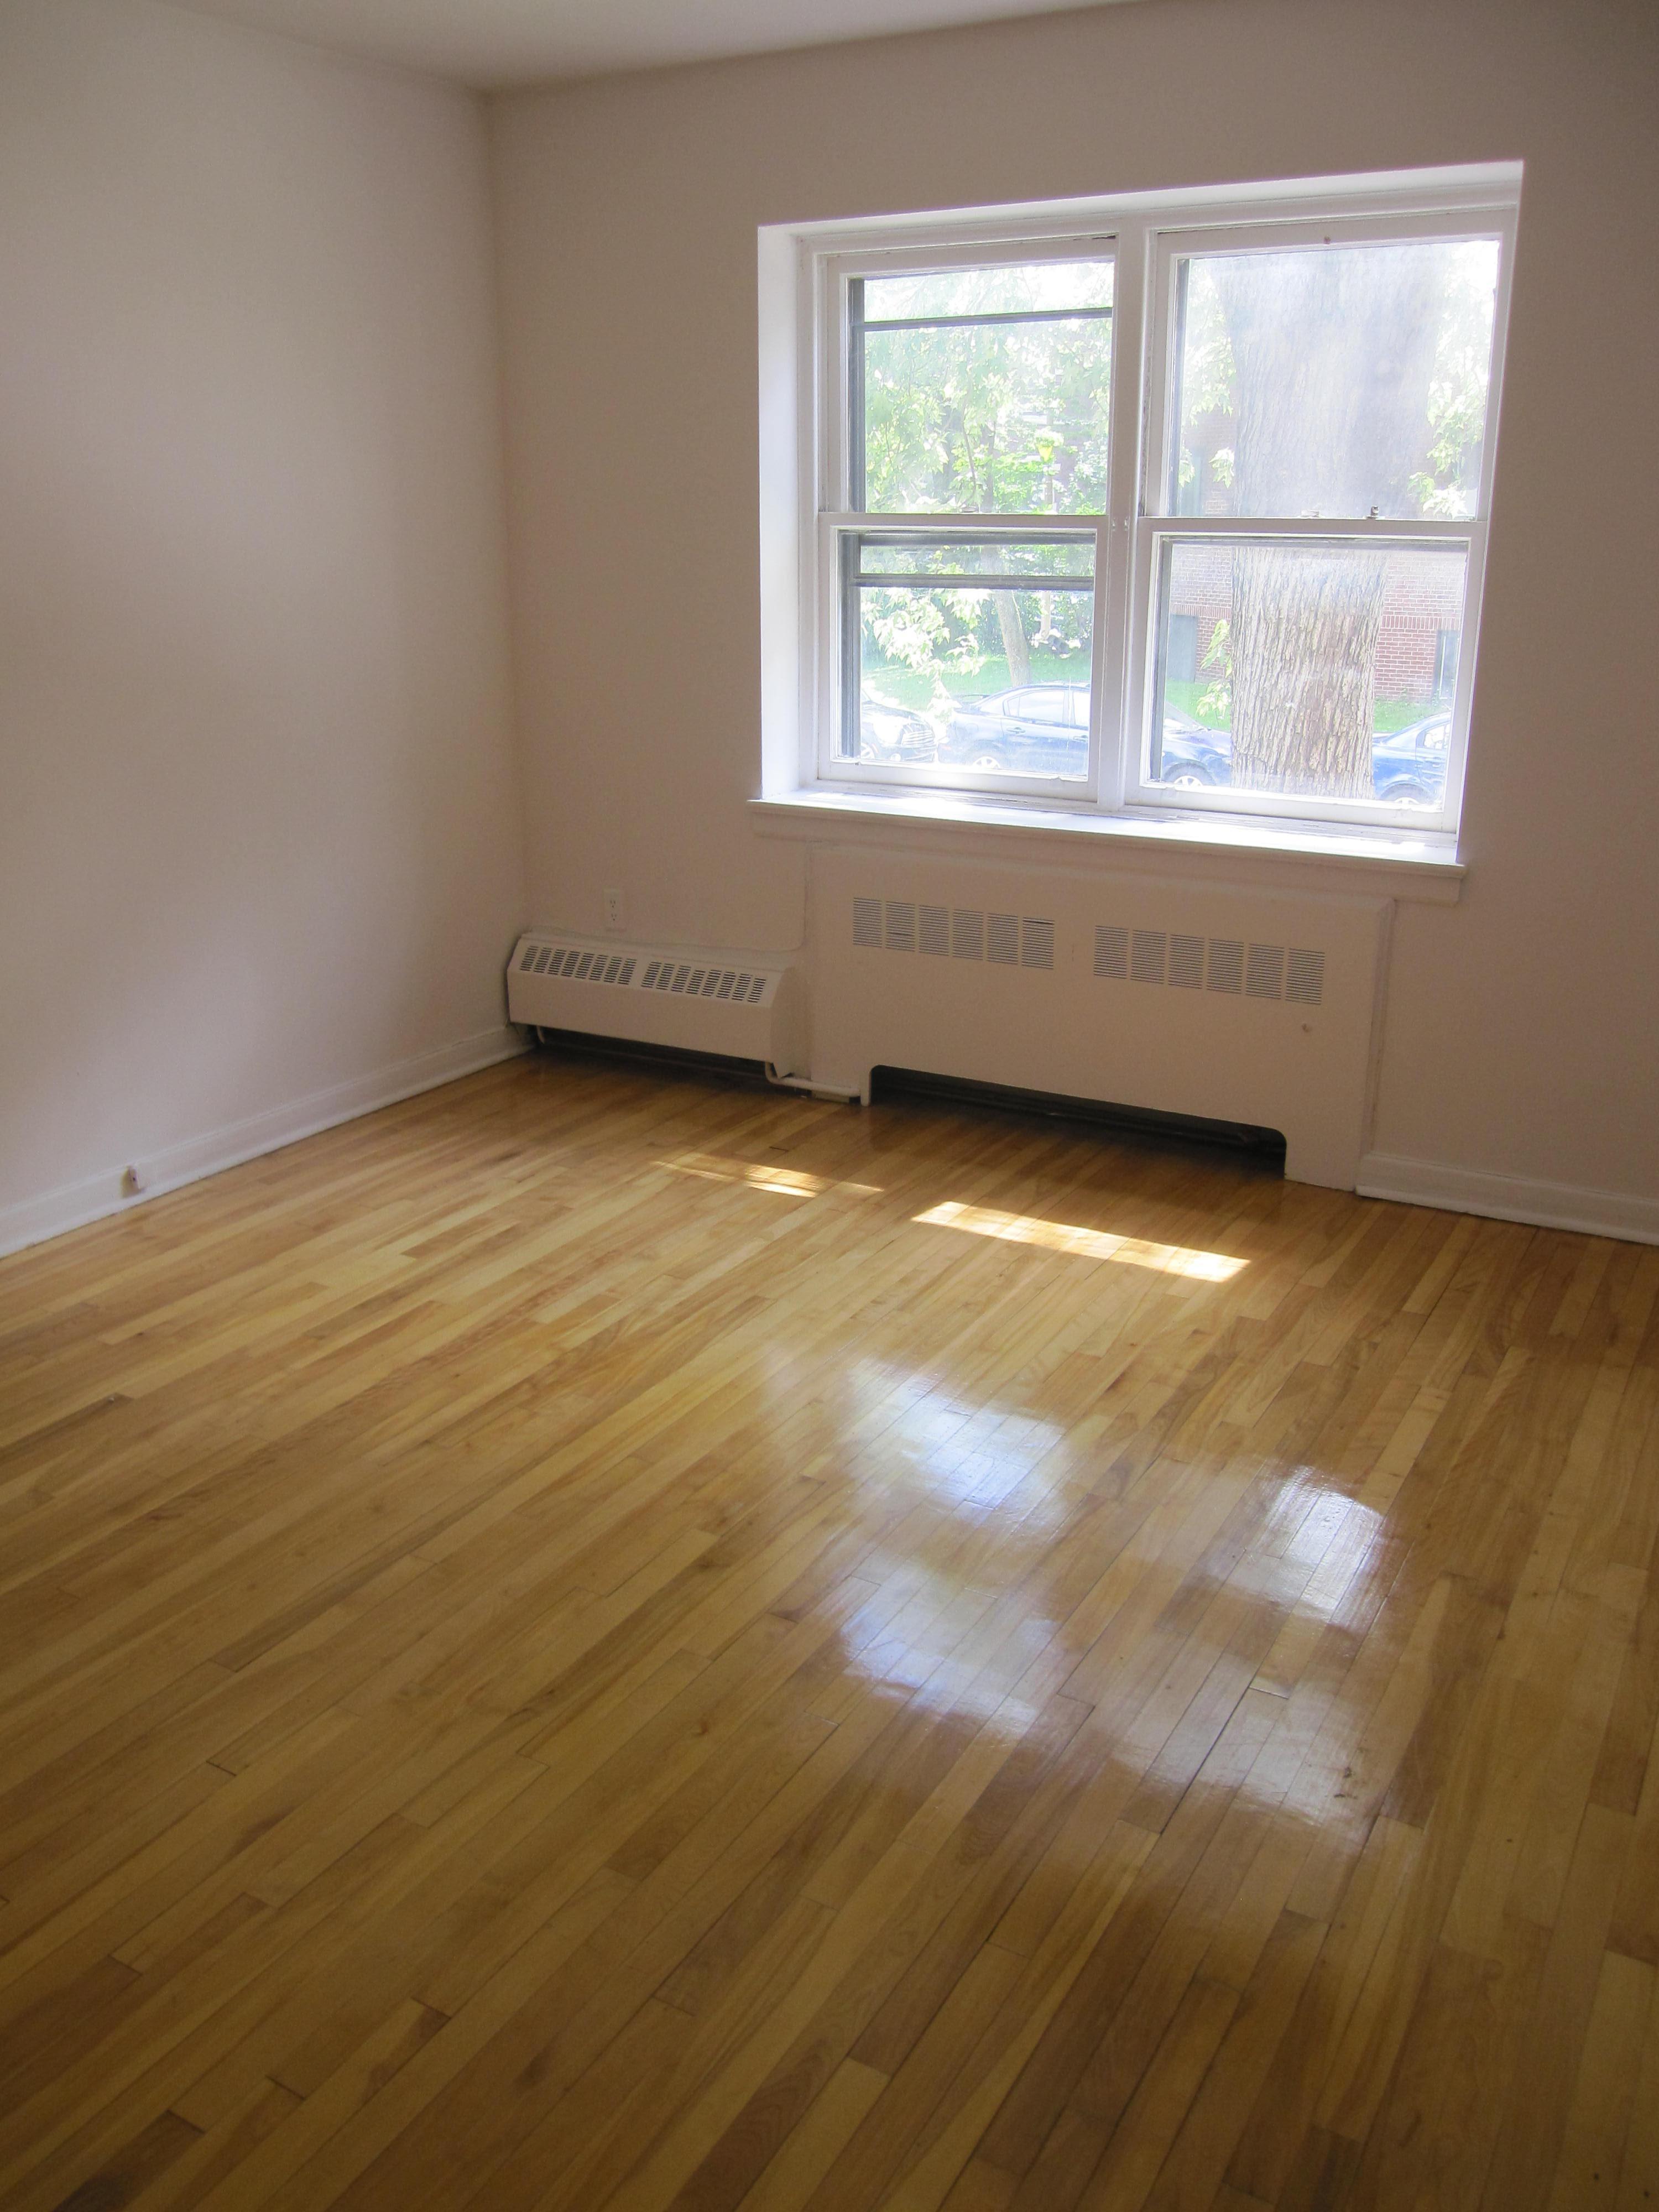 Appartement 2 Chambres a louer à Notre-Dame-de-Grâce a 4635 Clanranald - Photo 02 - TrouveUnAppart – L23639